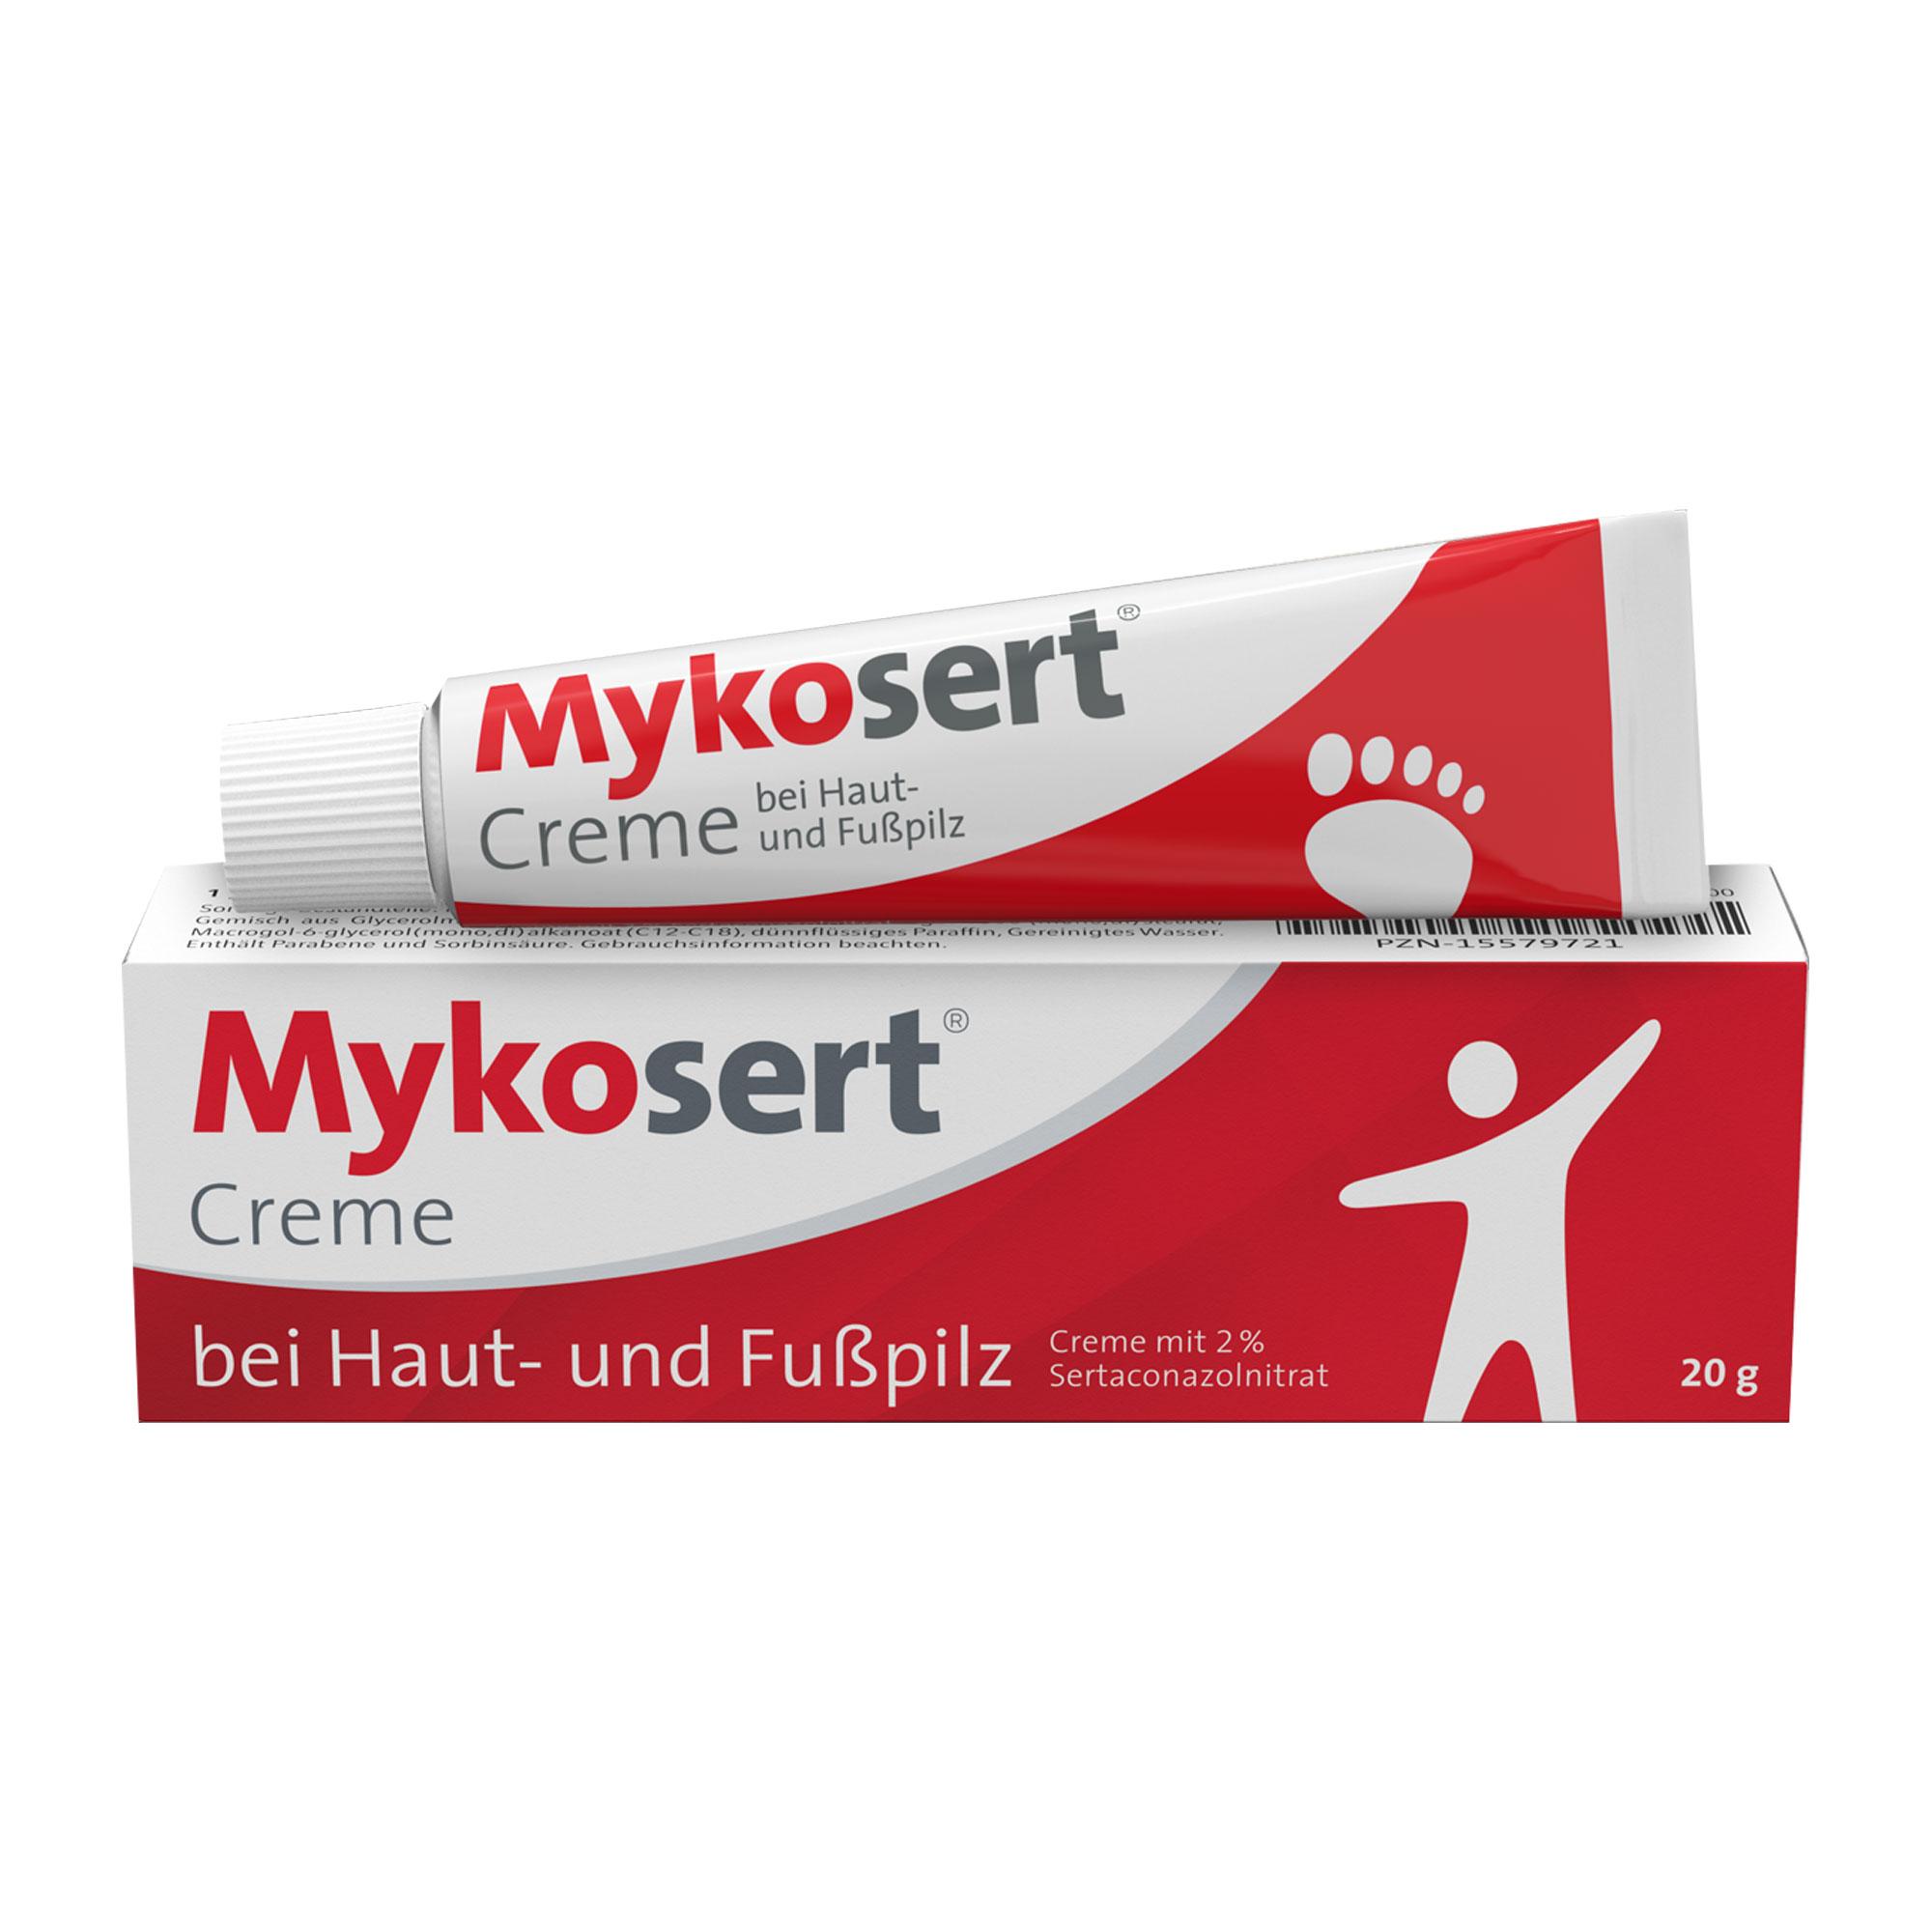 Mykosert Creme bei Haut- und Fußpilz